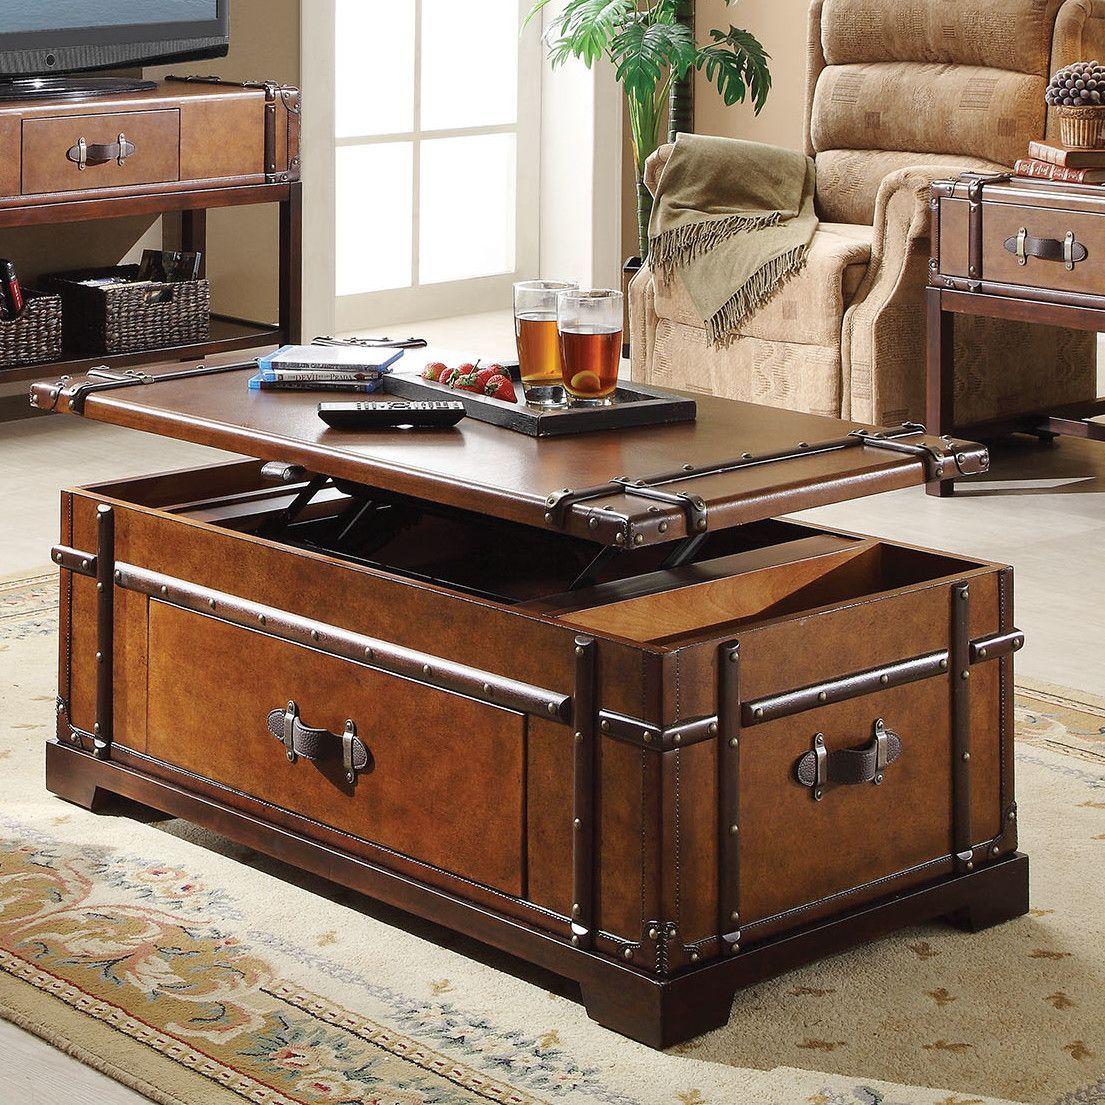 Riverside Furniture Latitudes Steamer Trunk Coffee Table With Lift Top Wohnzimmertische Couchtisch Mit Schublade Couchtisch Design [ 1105 x 1105 Pixel ]